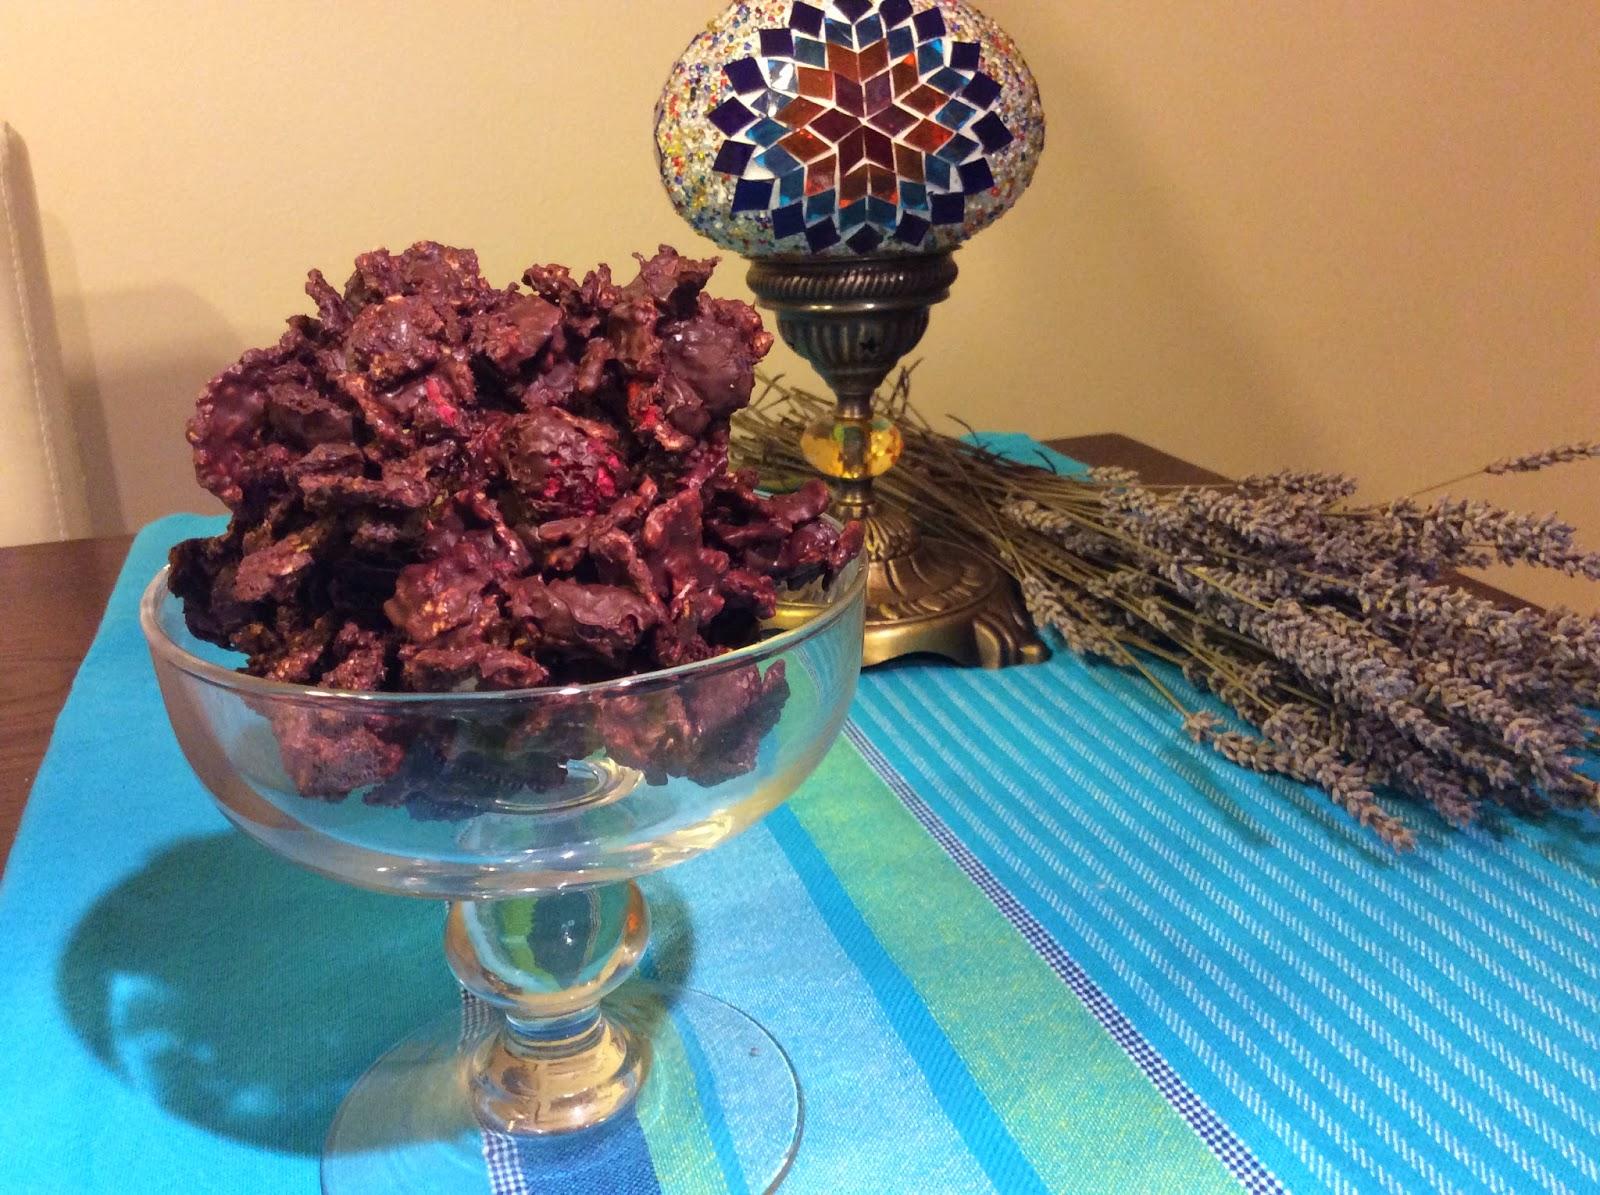 Sugerencia de presentación de Rocas de chocolate con cereales y frutos secos